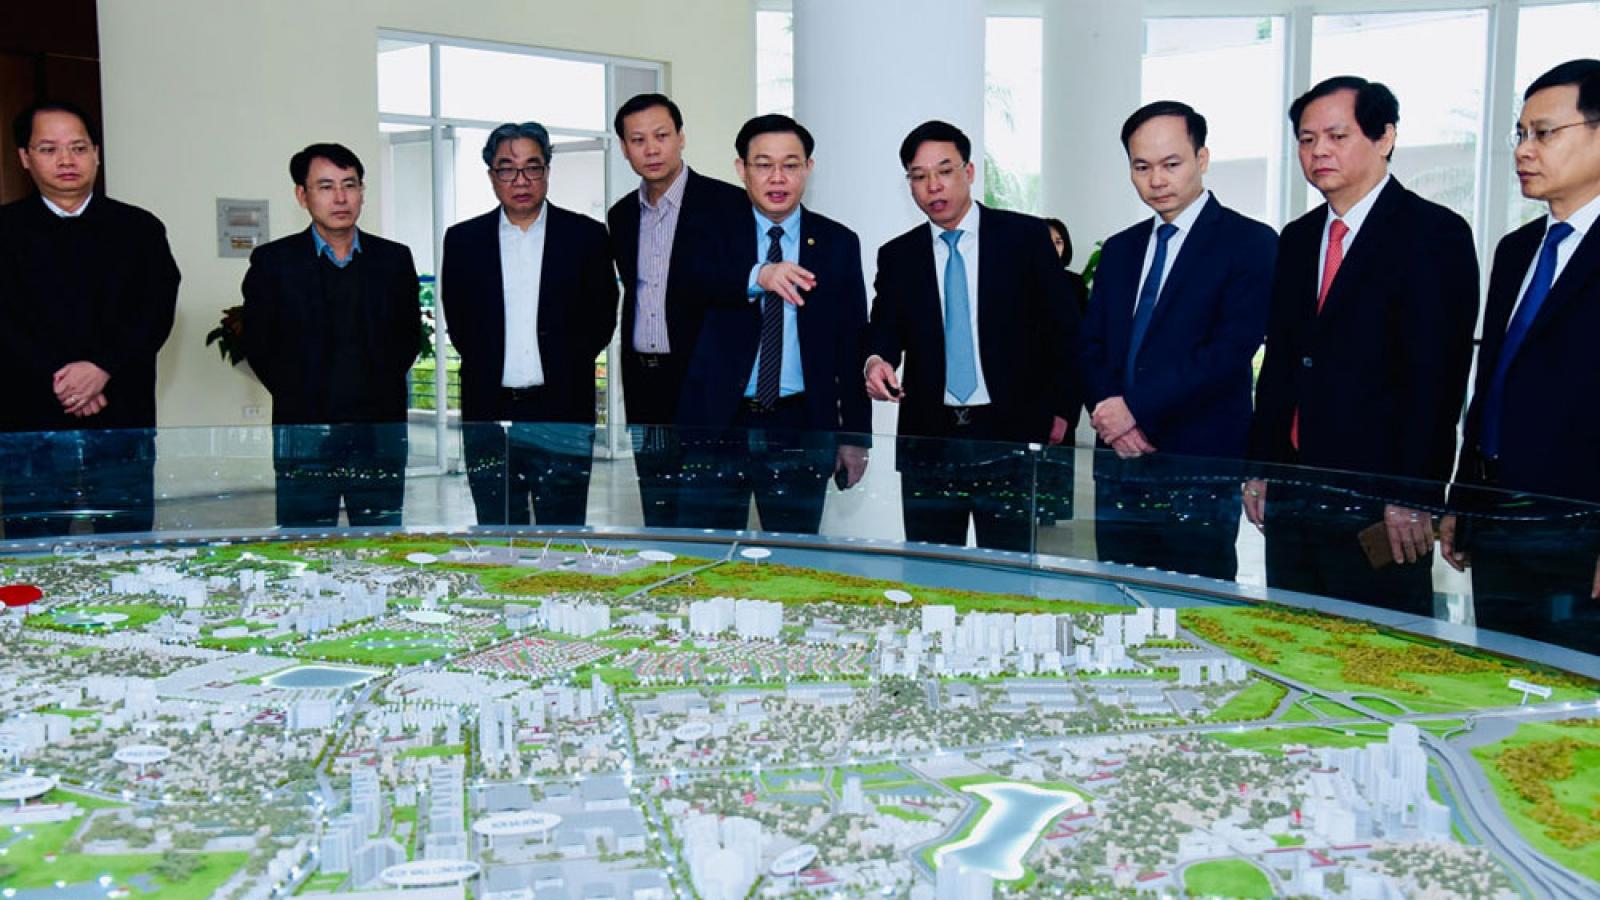 Bí thư Thành ủy Hà Nội: Tìm giải pháp để quận Long Biên phát triển bứt phá hơn